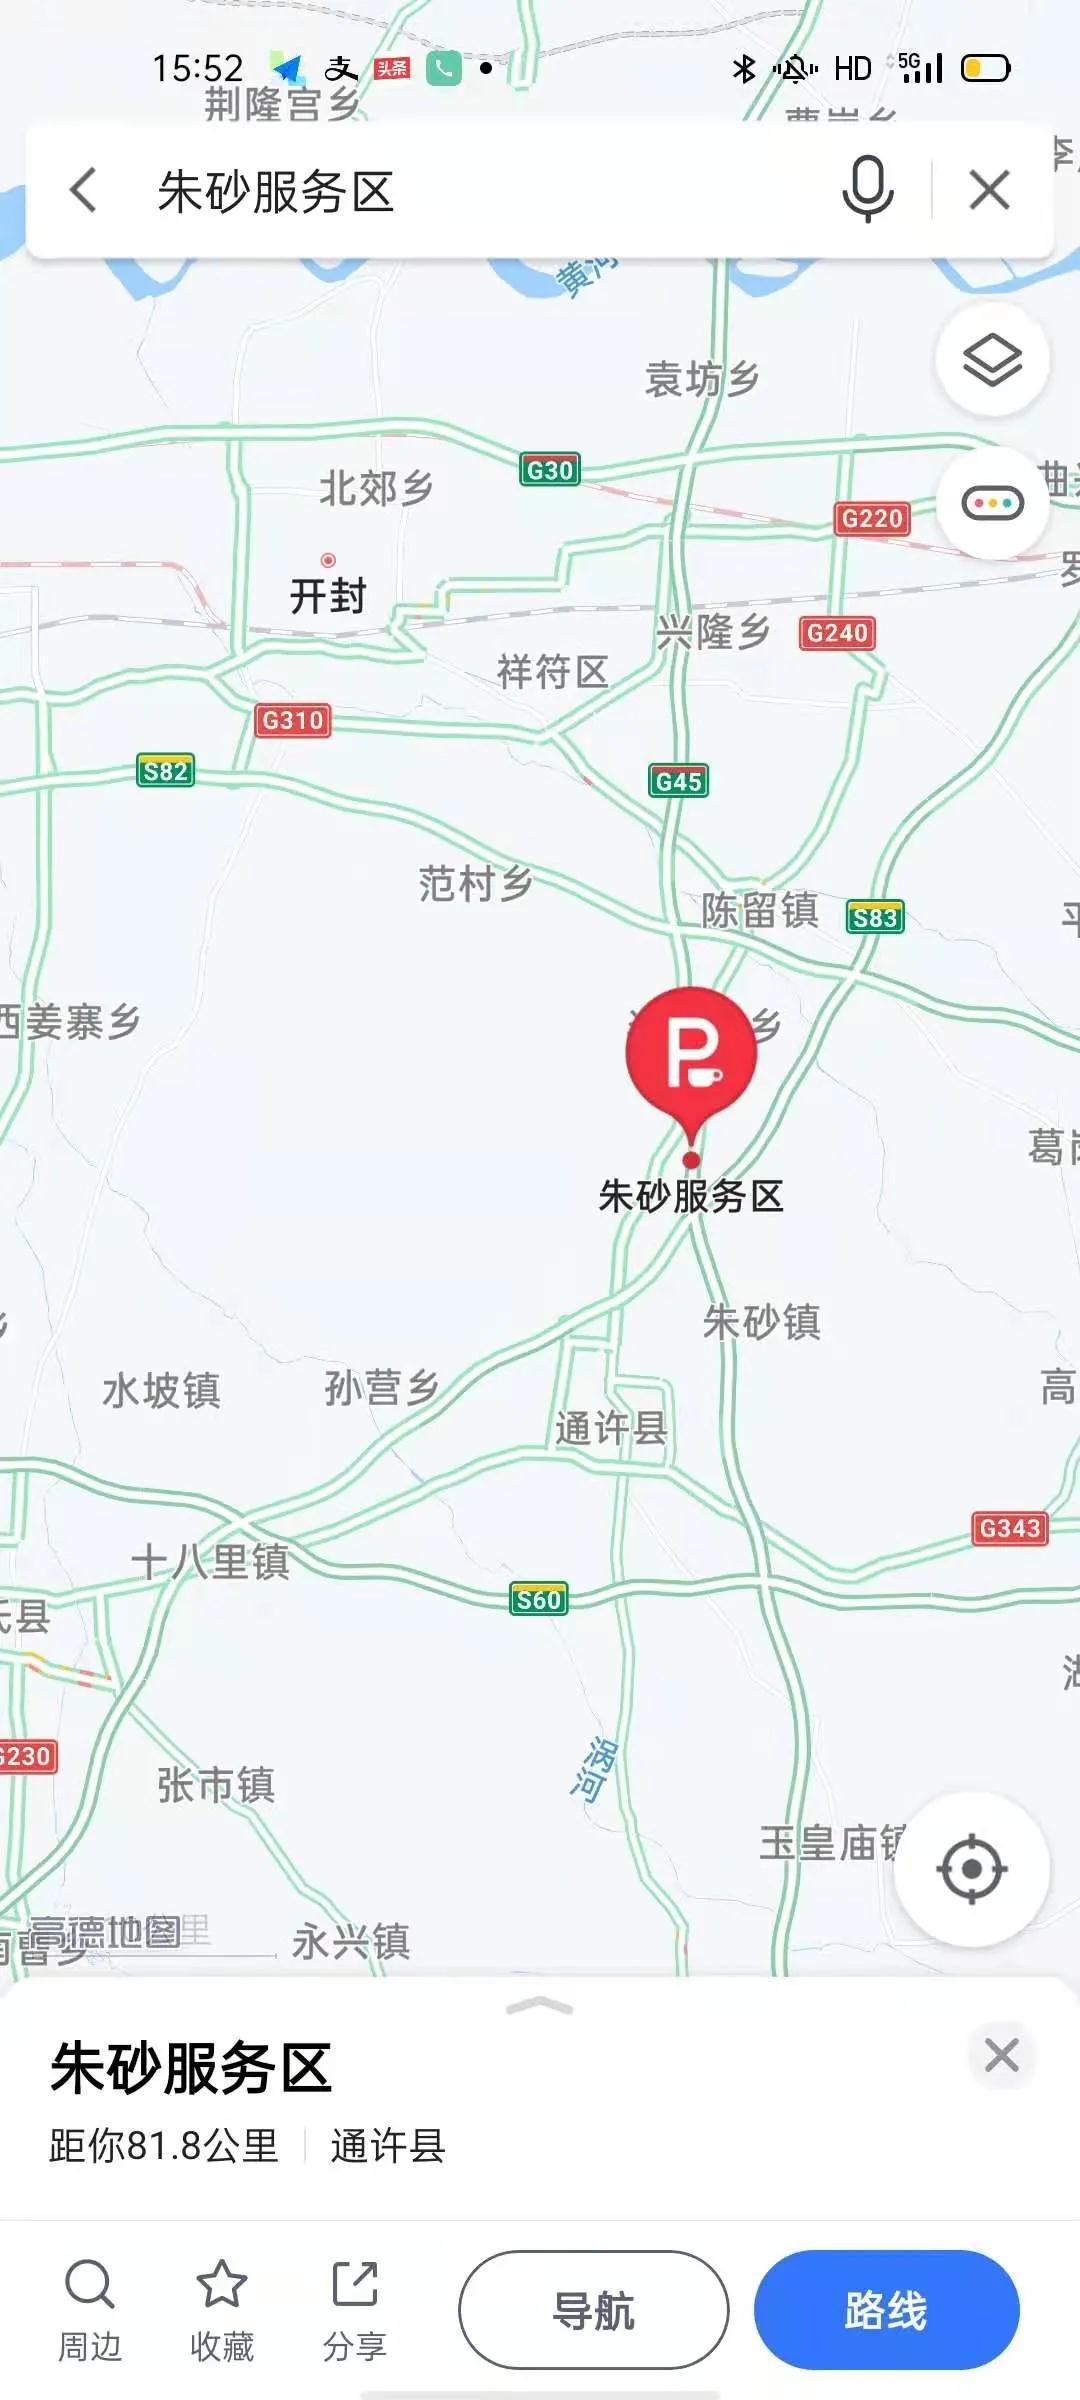 河北一确诊病例曾在河南朱砂服务区住宿!行动轨迹公布!